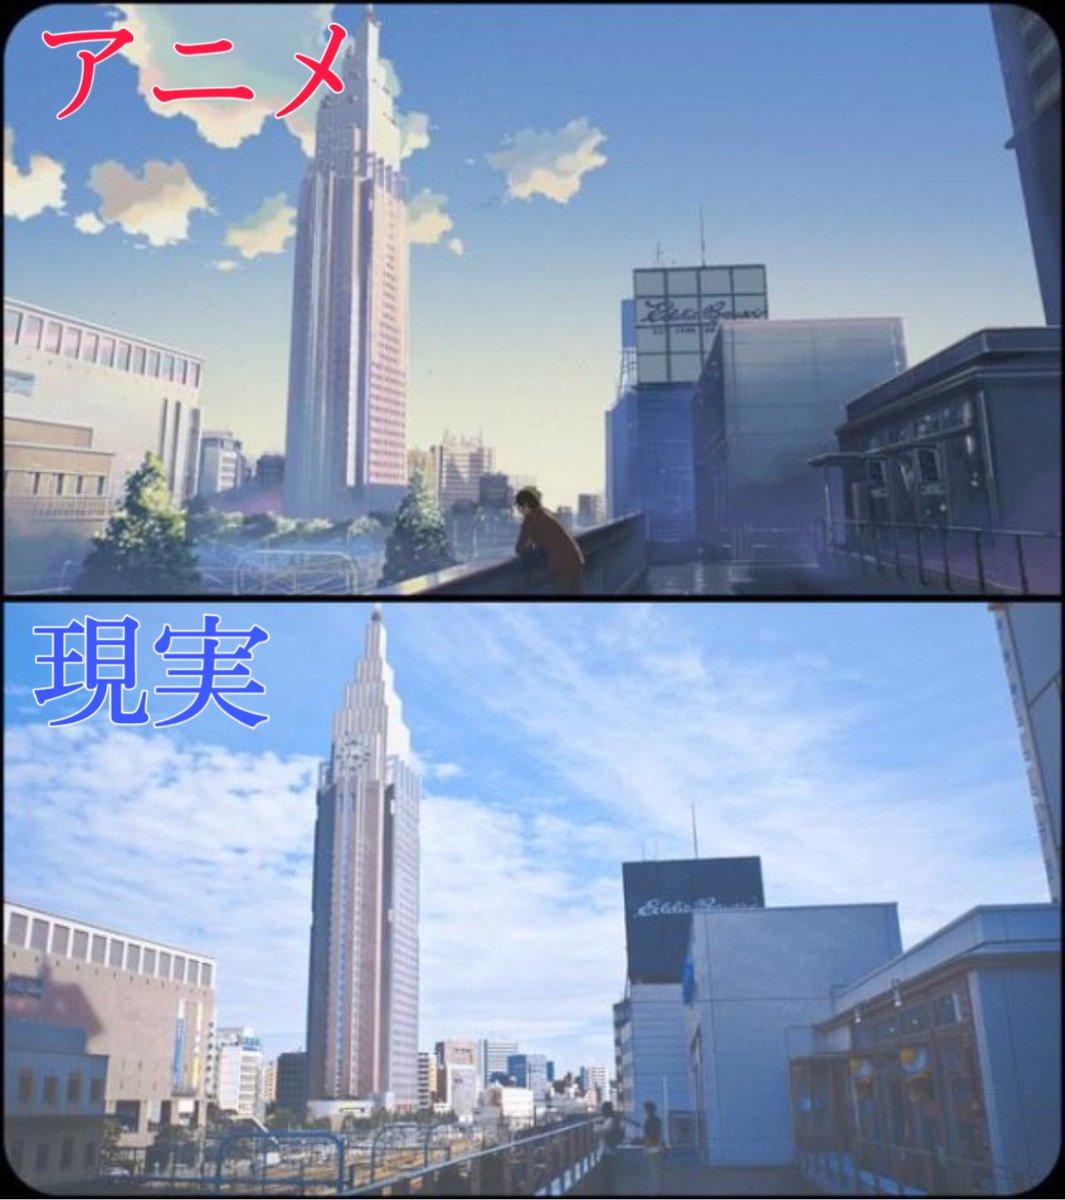 アニメの作画はこれほど進化している